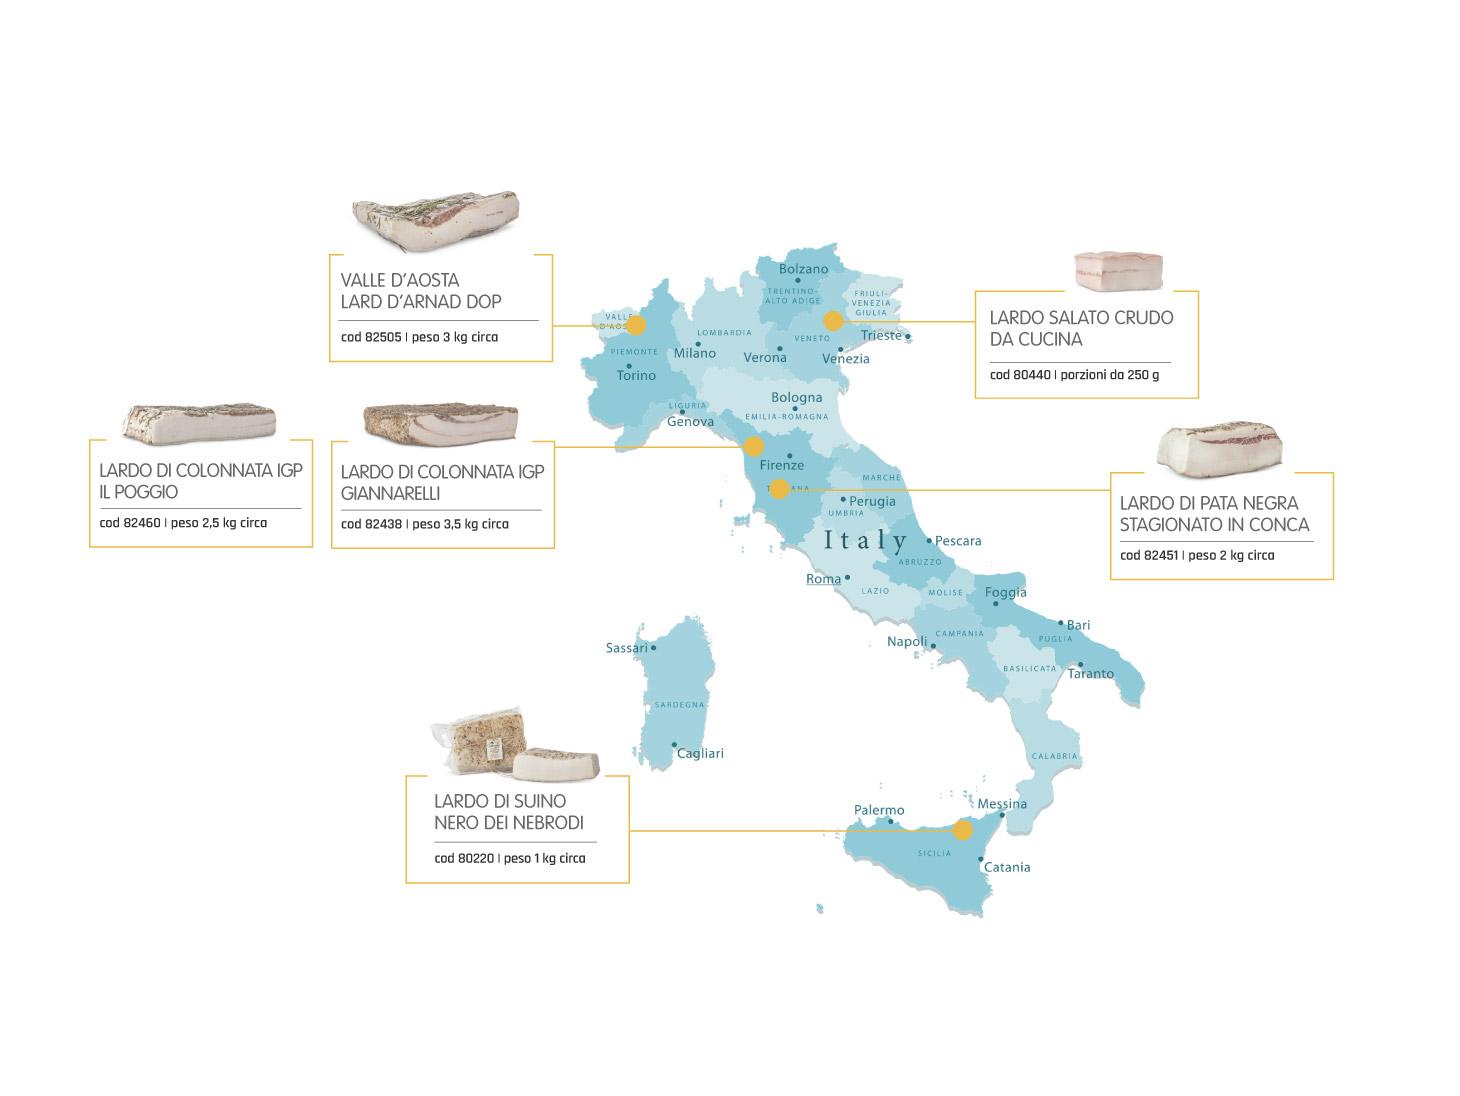 Mappa Italia: Lardo